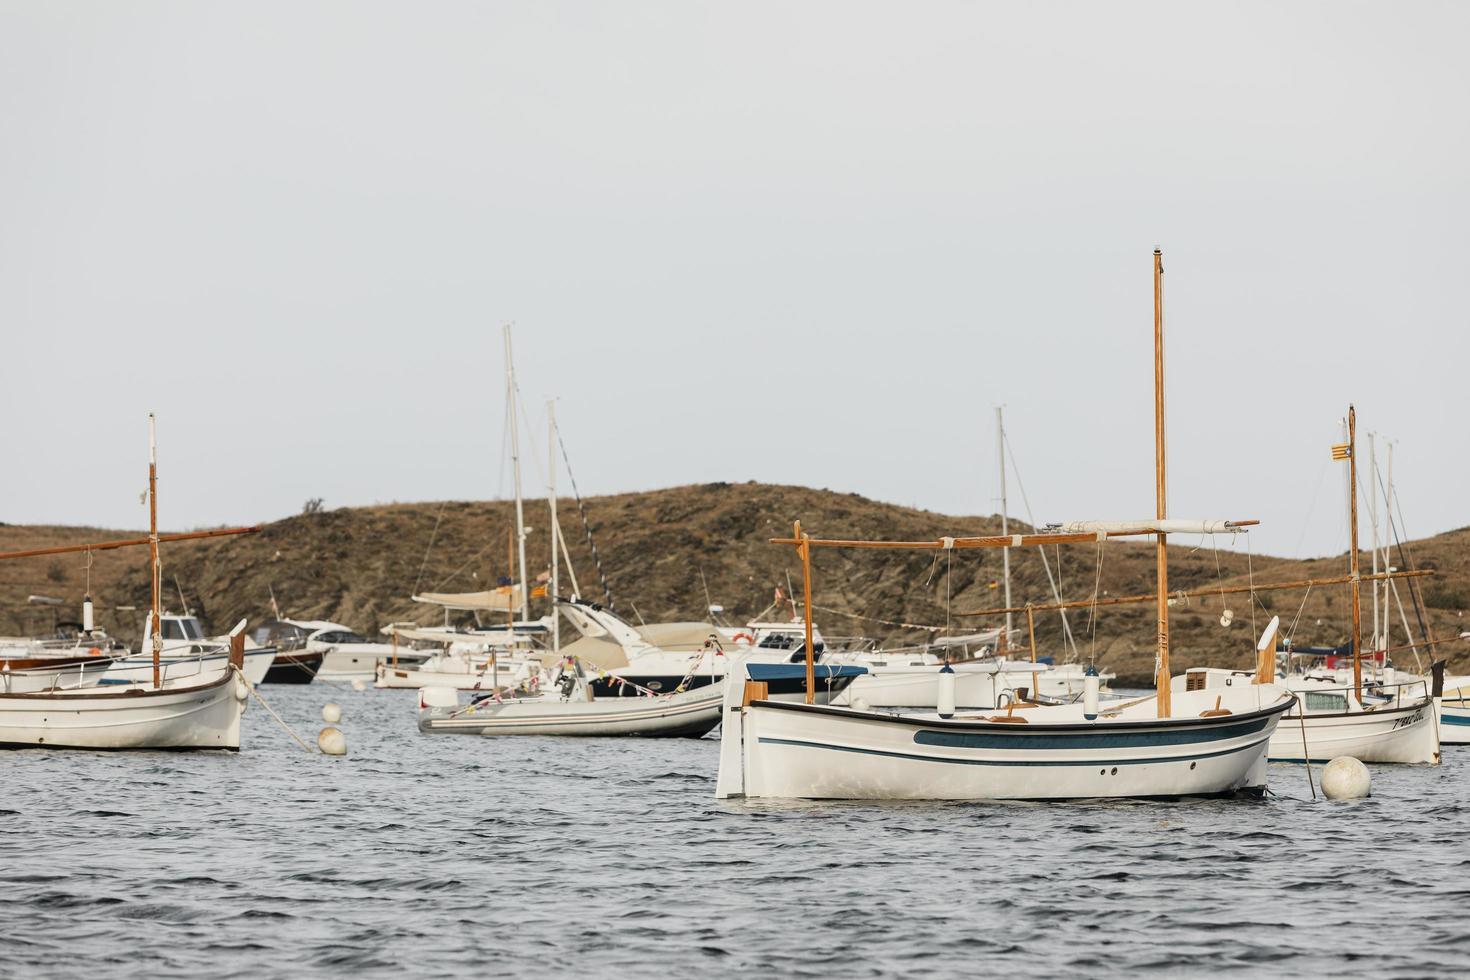 les différents bateaux voyageant océan photo